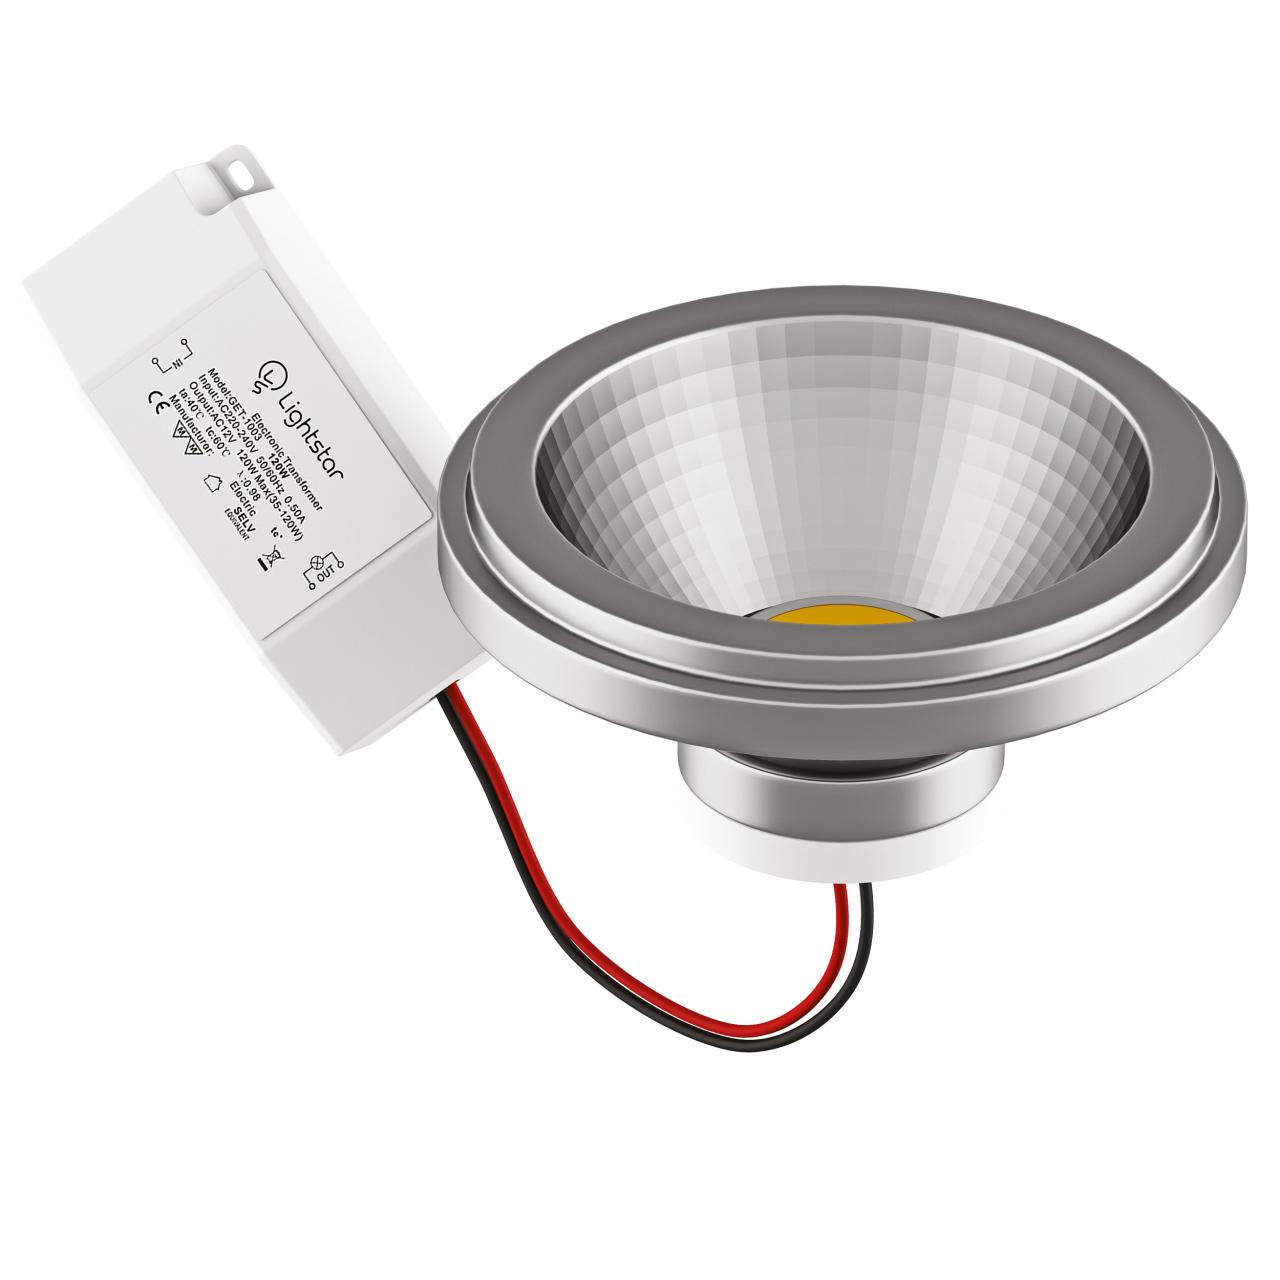 Светодиодная LED лампа AR111/DR111, 220V, 12W - 4000K. Lightstar 932104